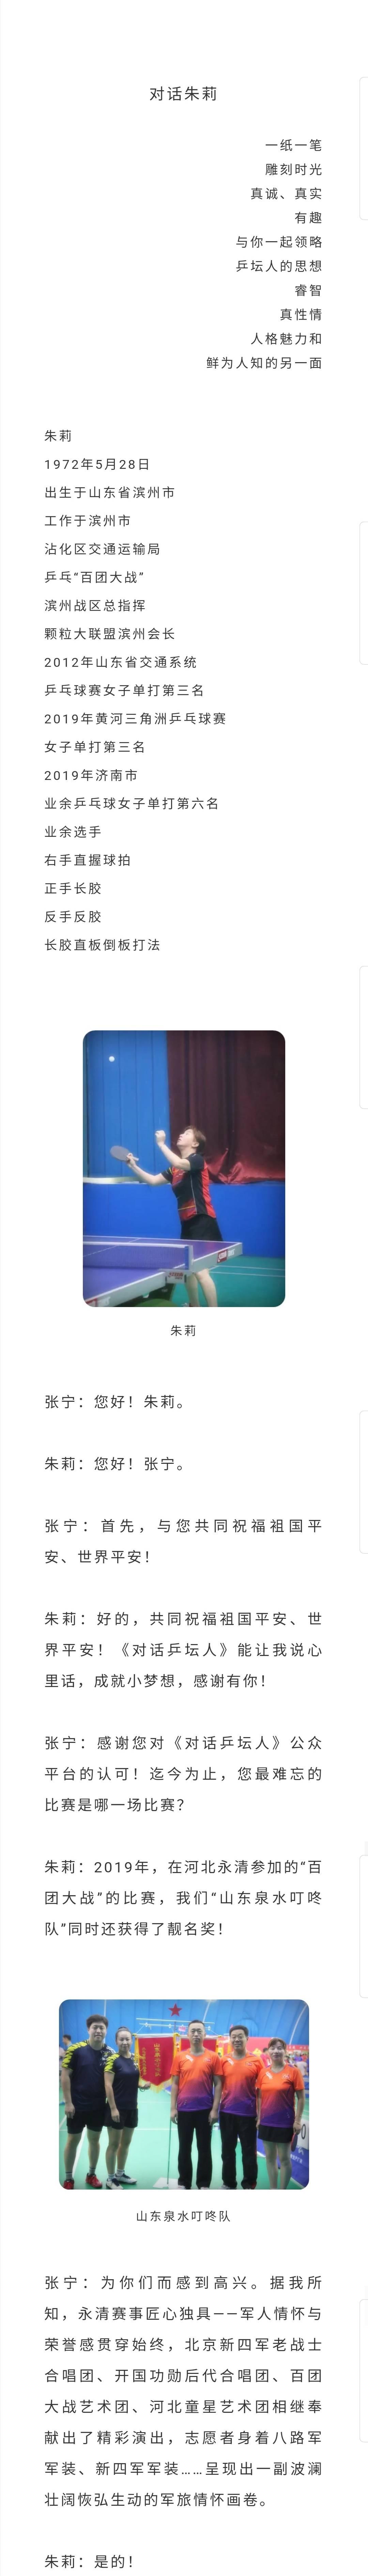 朱莉:相依长胶花开滨城,乒乓球是我一